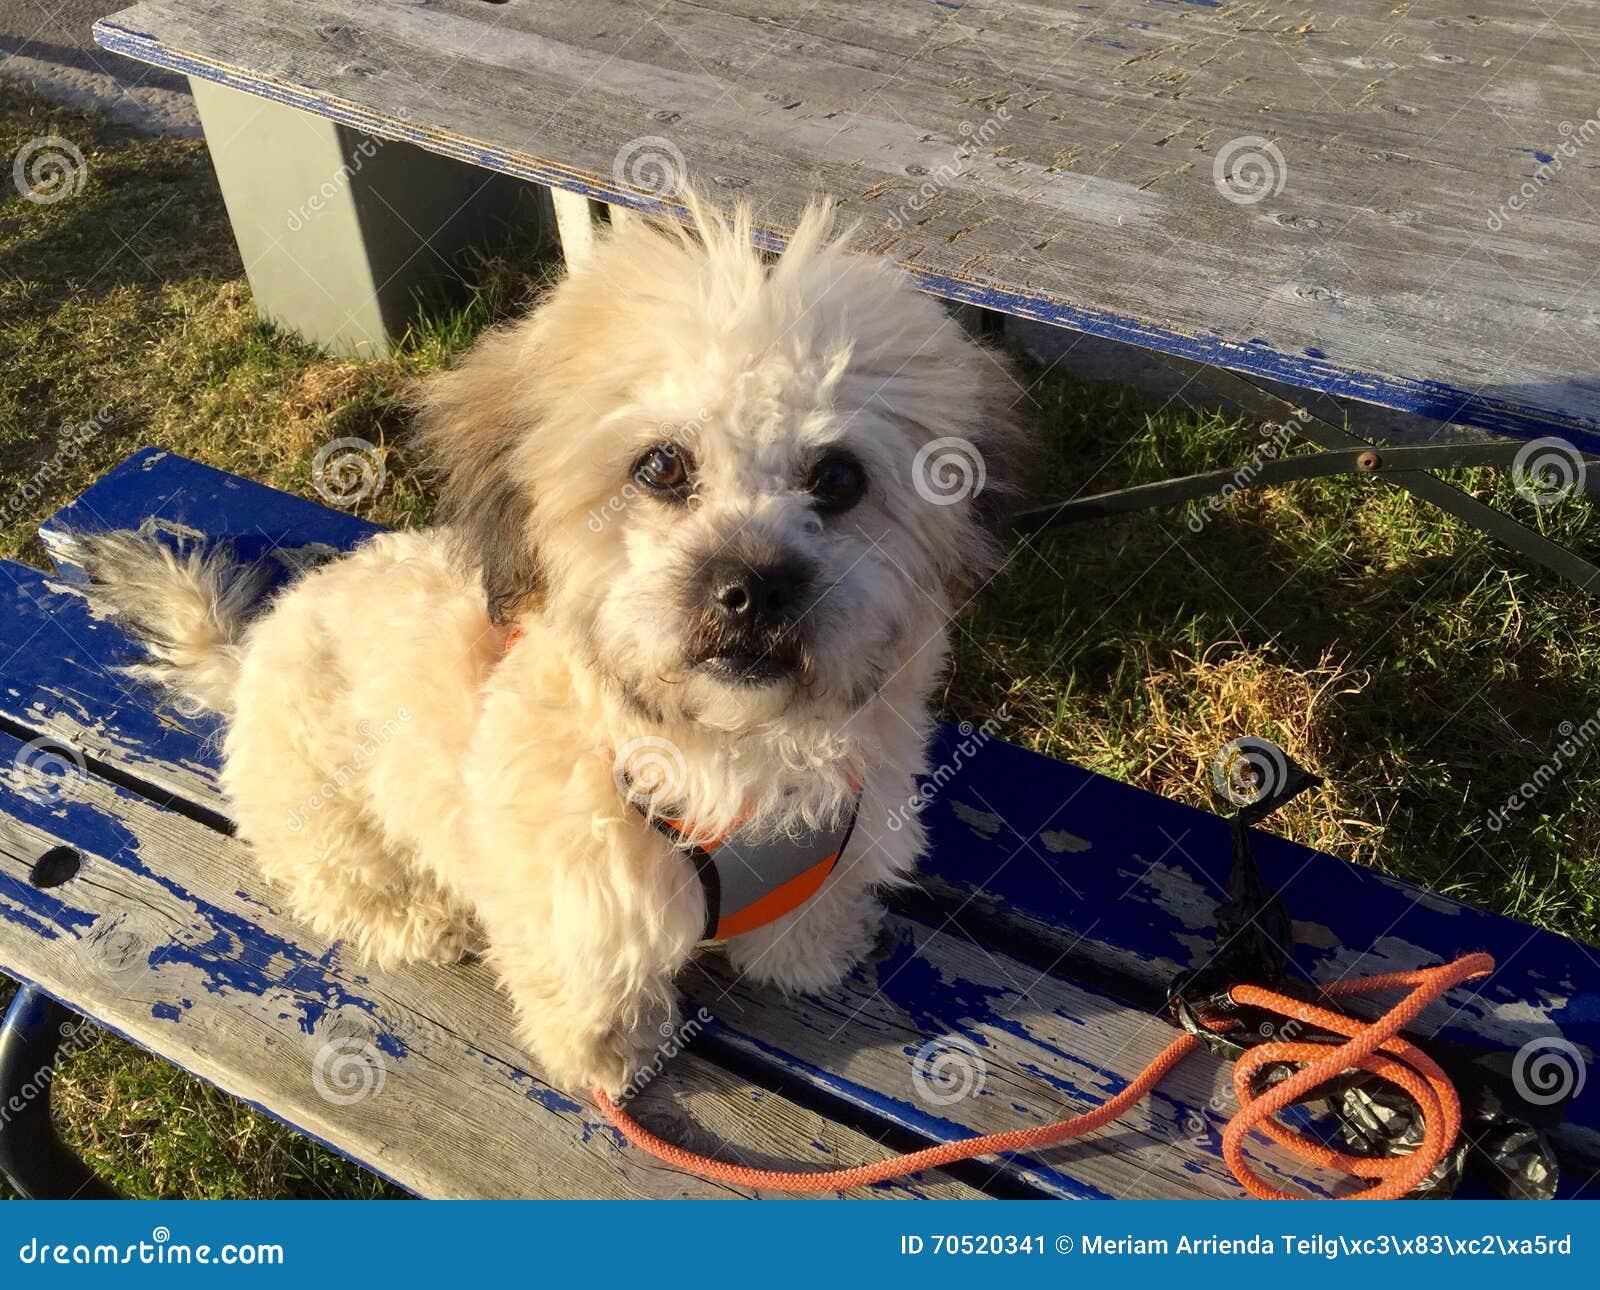 Mix Breed Dog Stock Image Image Of Pekingese Bichon 70520341